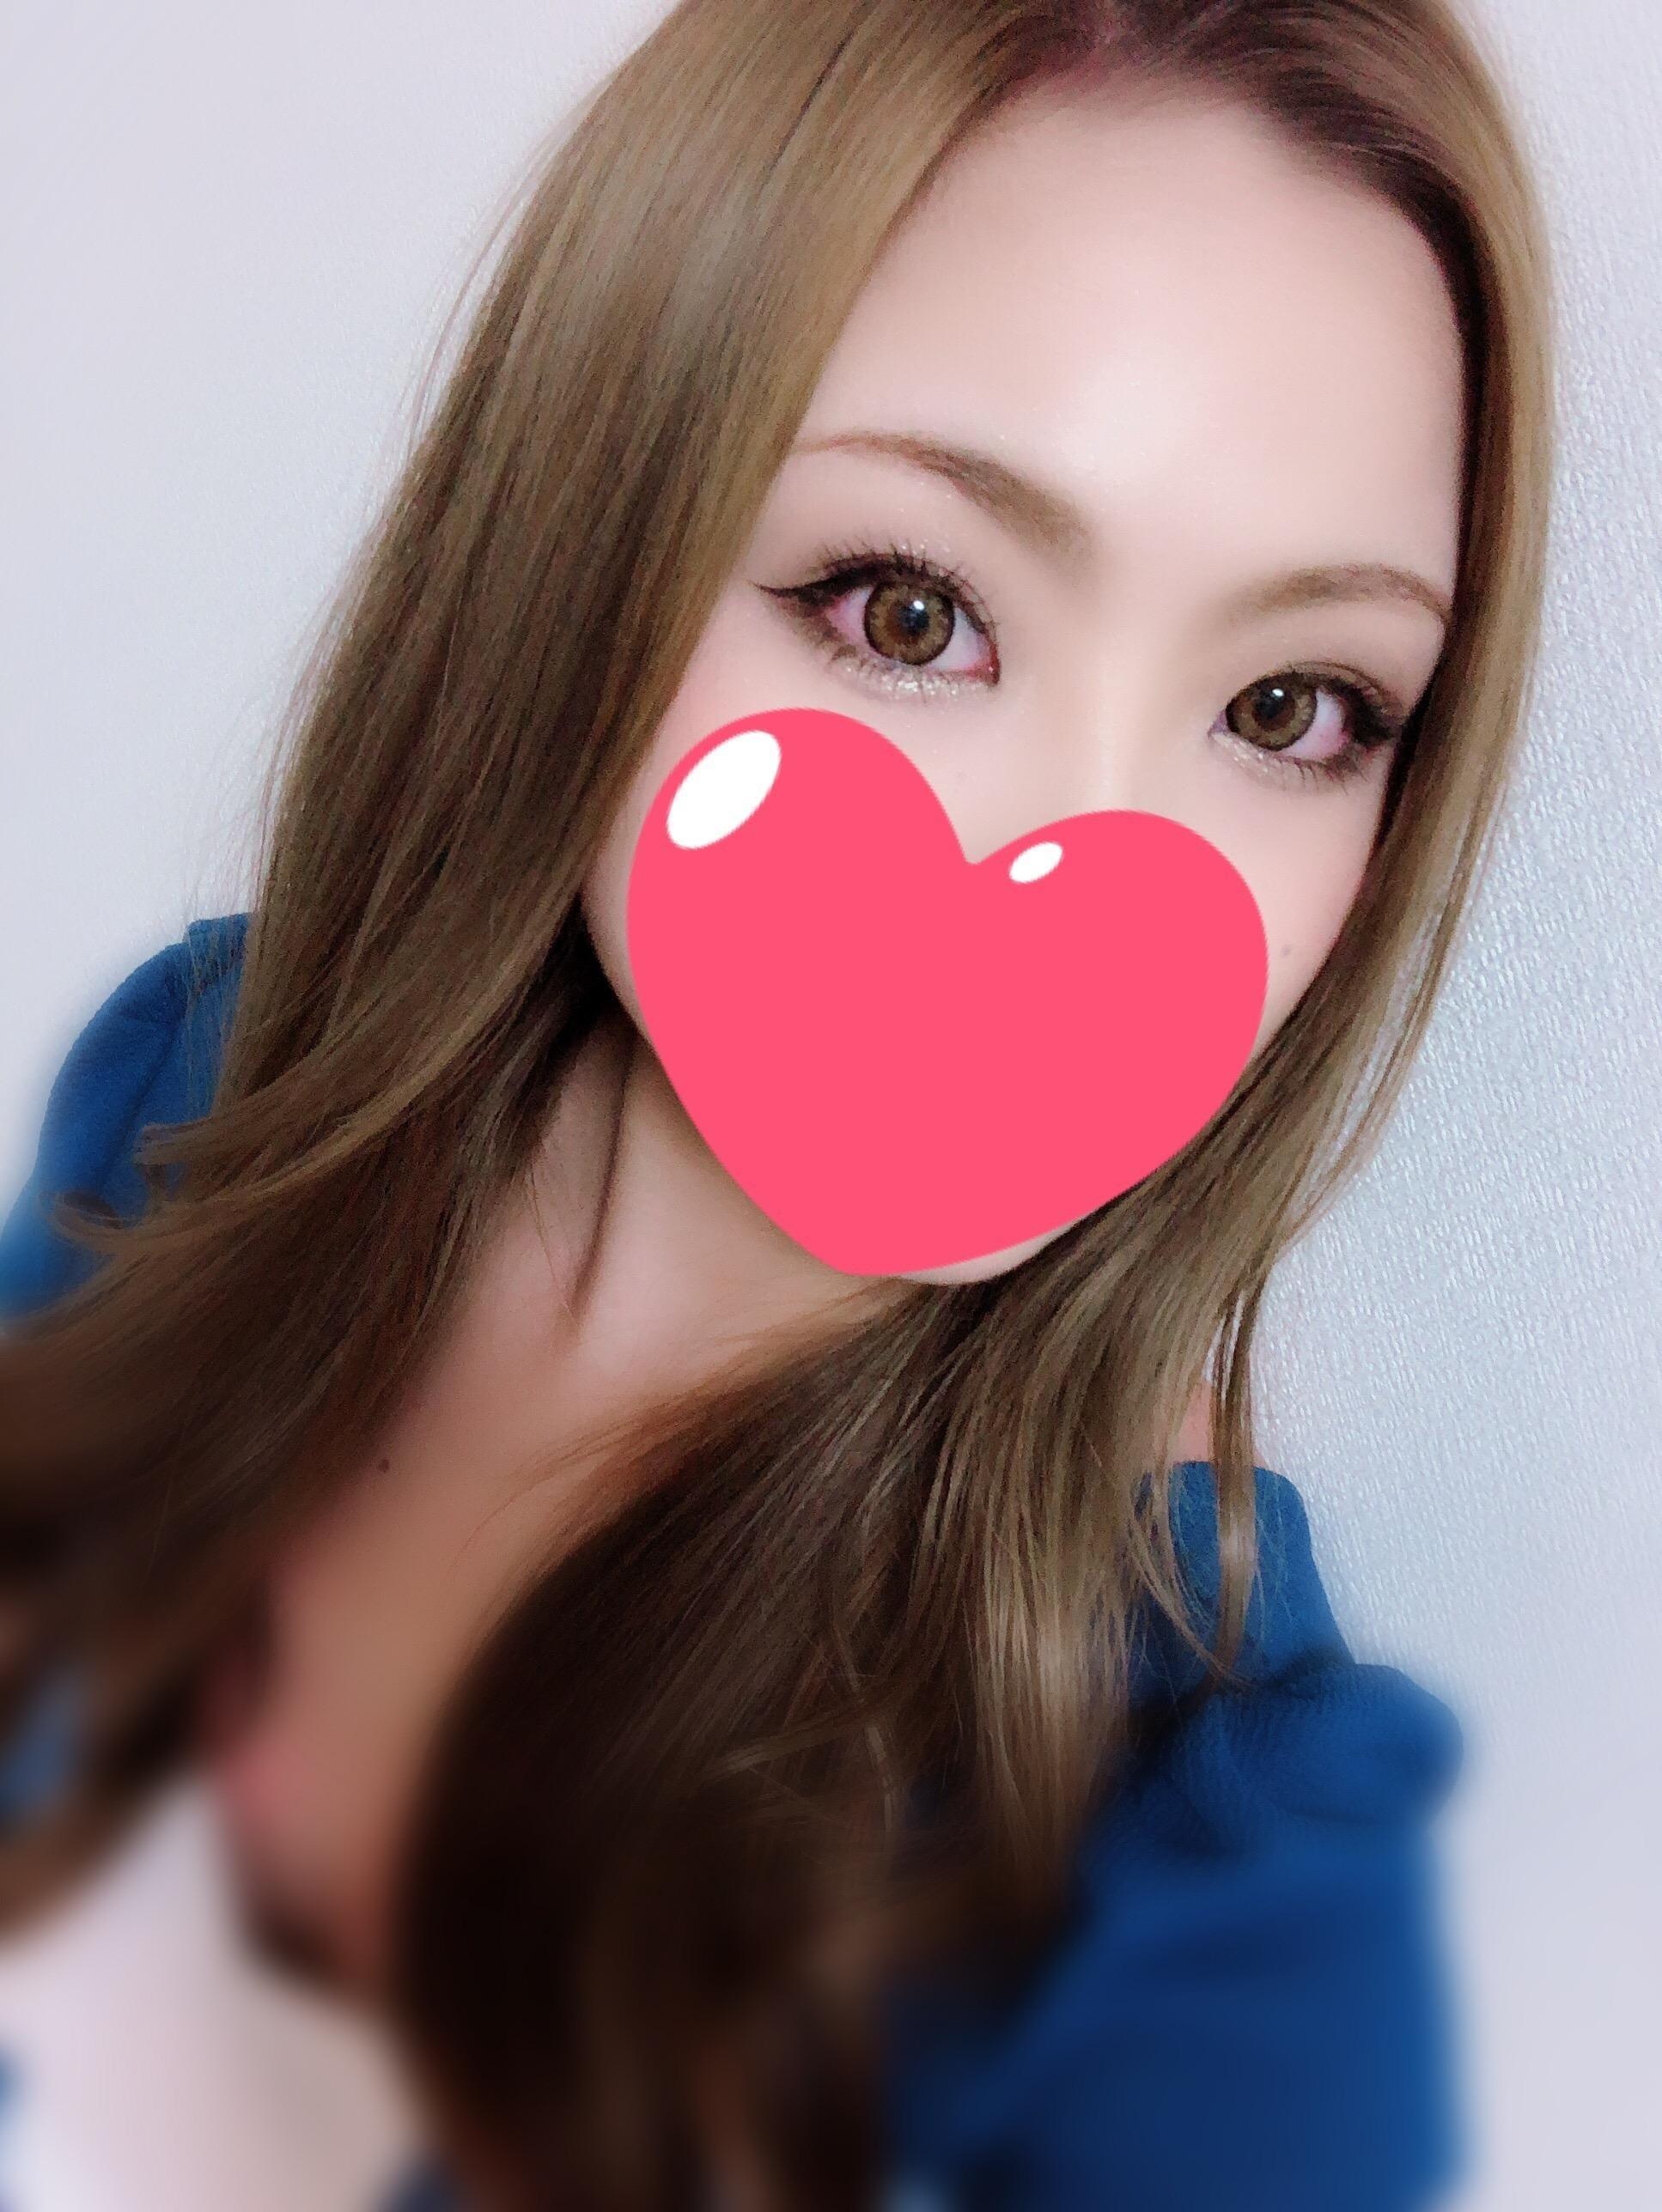 「はじめましてっ!」08/16(08/16) 02:20 | VIPの写メ・風俗動画